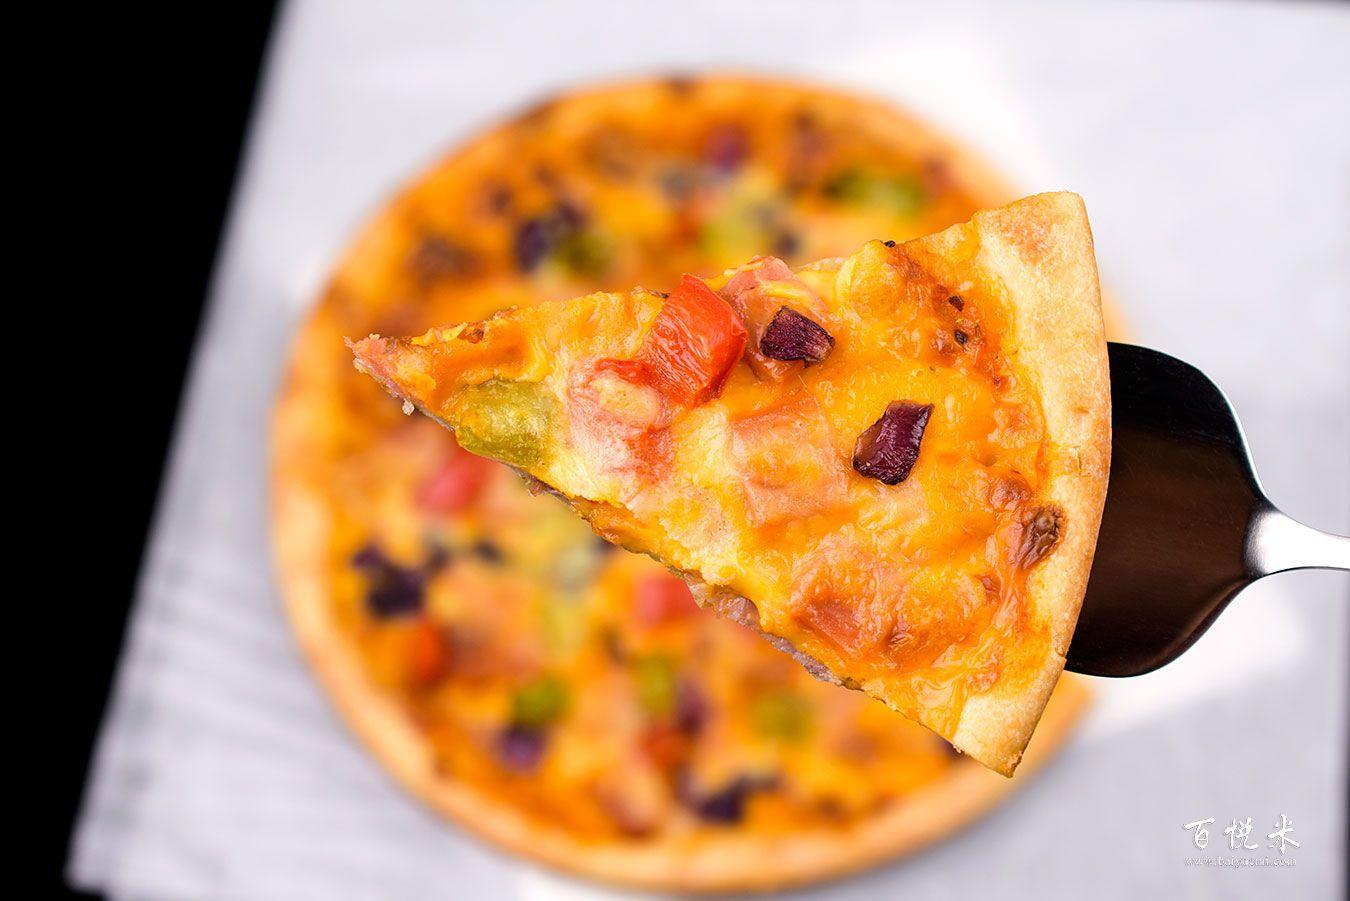 培根披萨高清图片大全【蛋糕图片】_792